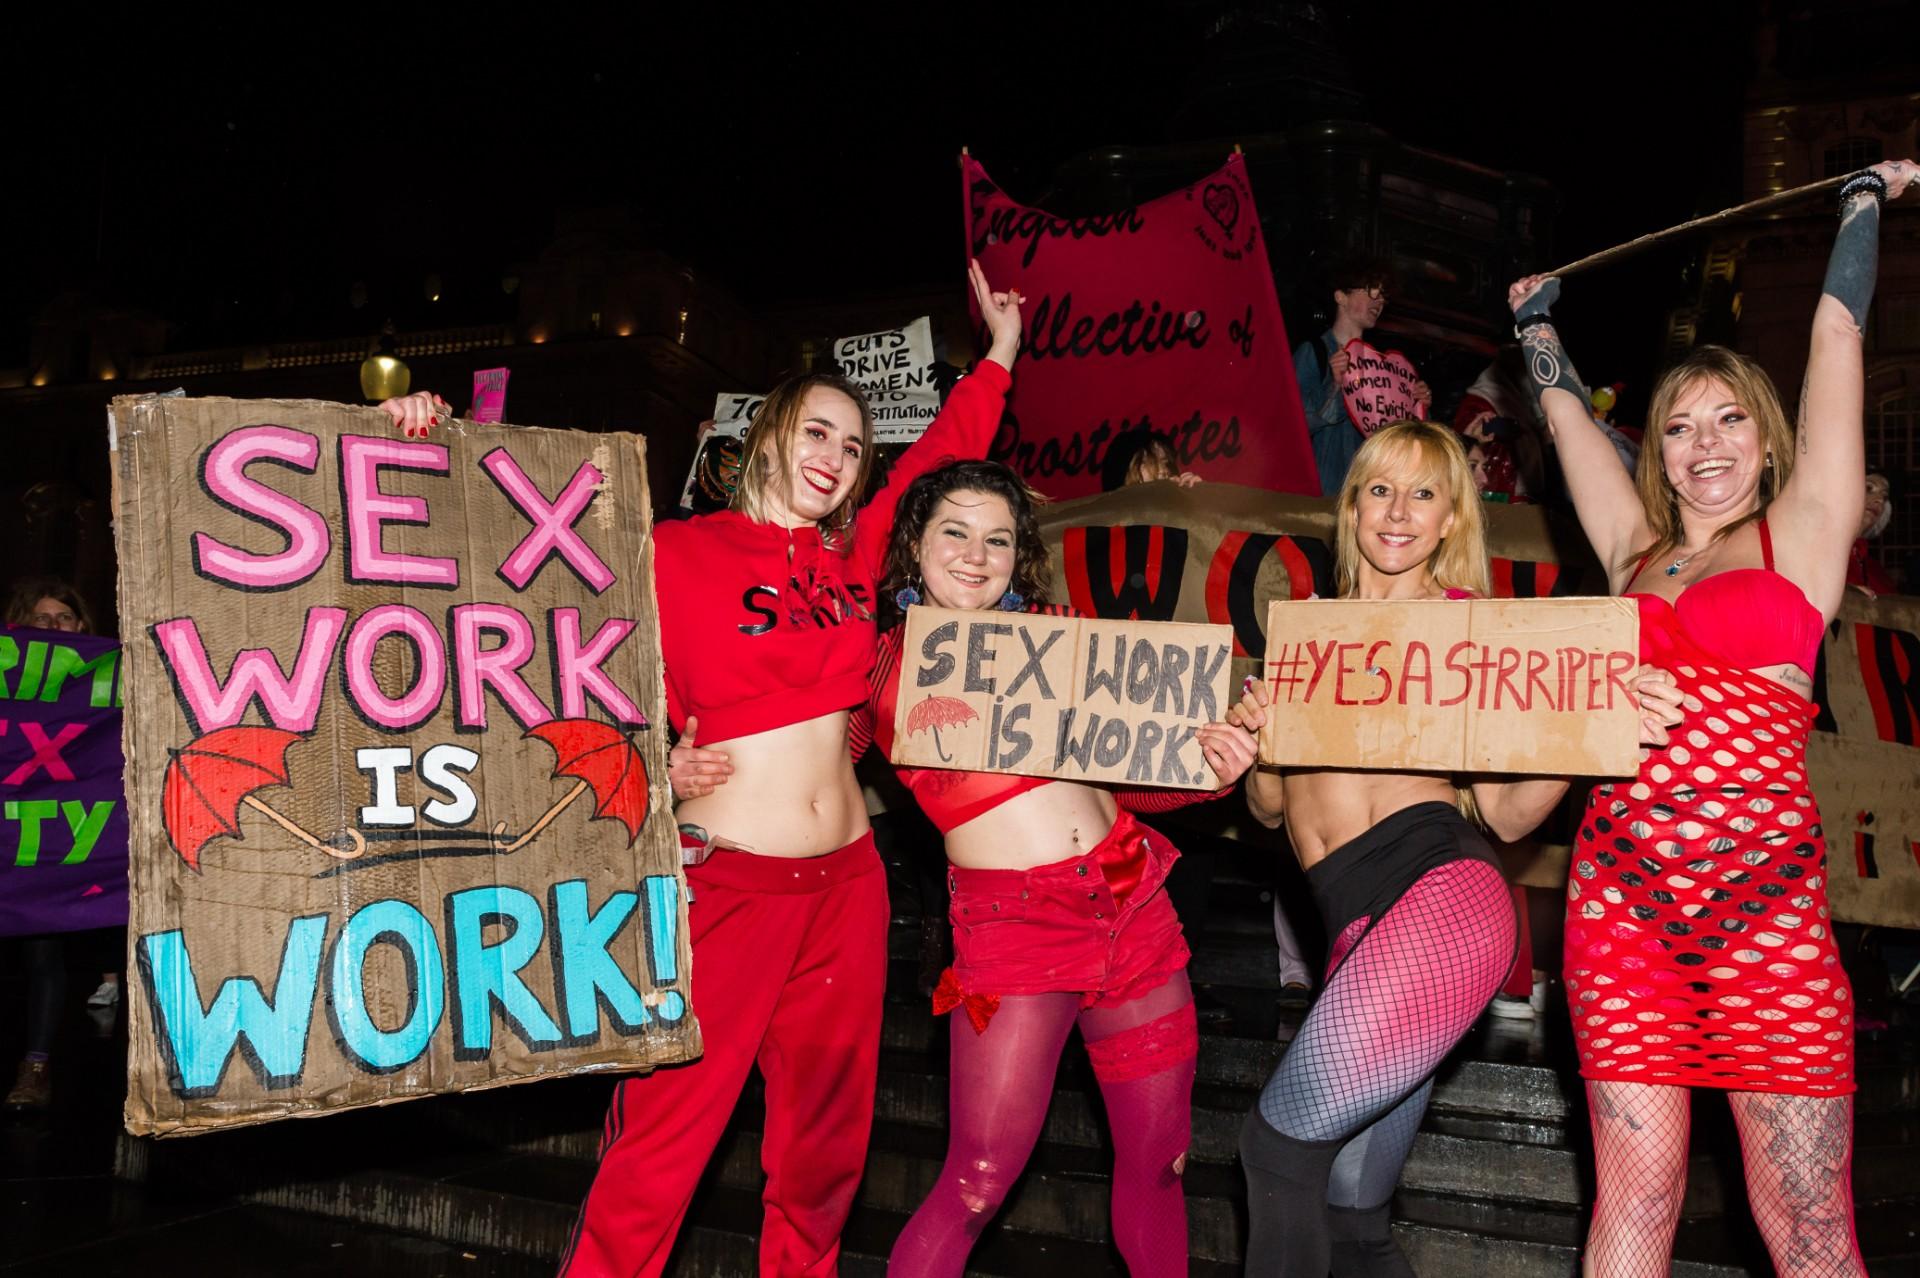 Taniec wpróżni: Jak wygląda praca seksualna wczasach pandemii? Opowiadają nam sex workerki